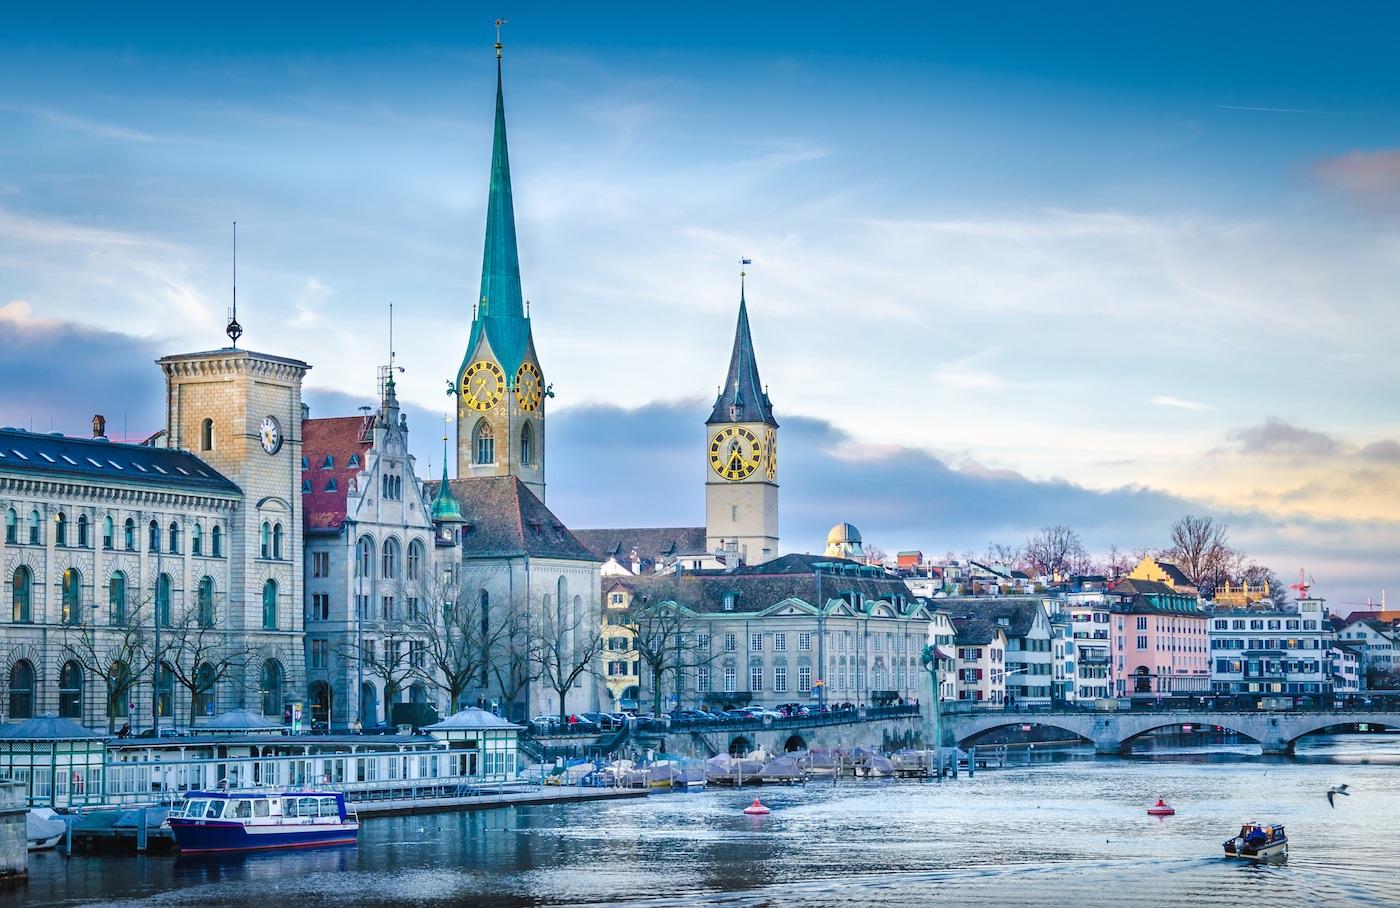 Suisse 3ème pays le plus developpé du monde Krossin